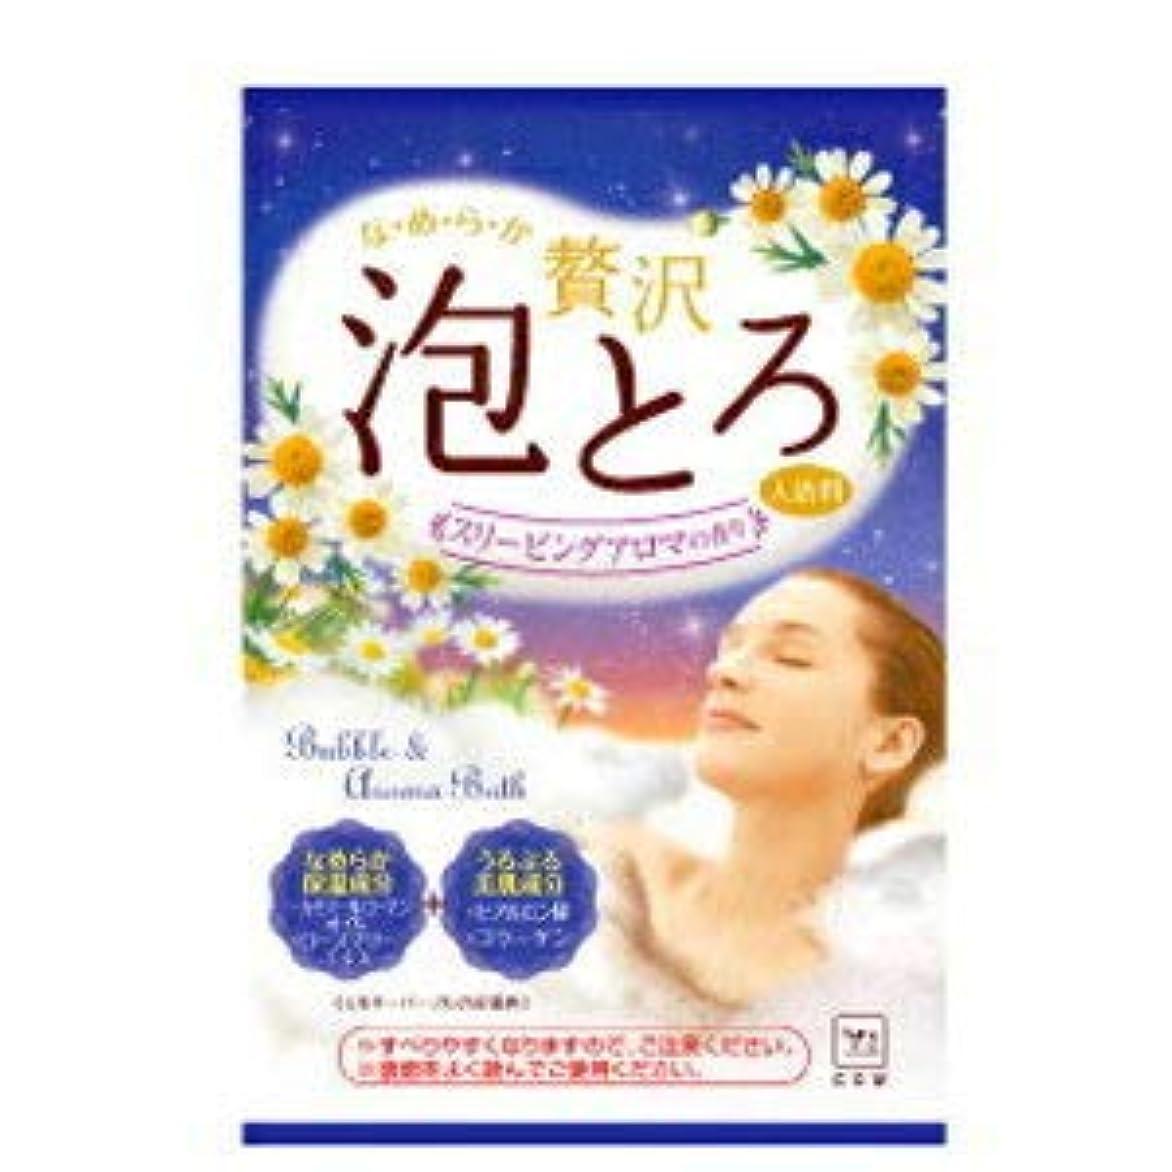 構想する備品すり減る牛乳石鹸 お湯物語 贅沢泡とろ 入浴料 スリーピングアロマ 30g 16個セット